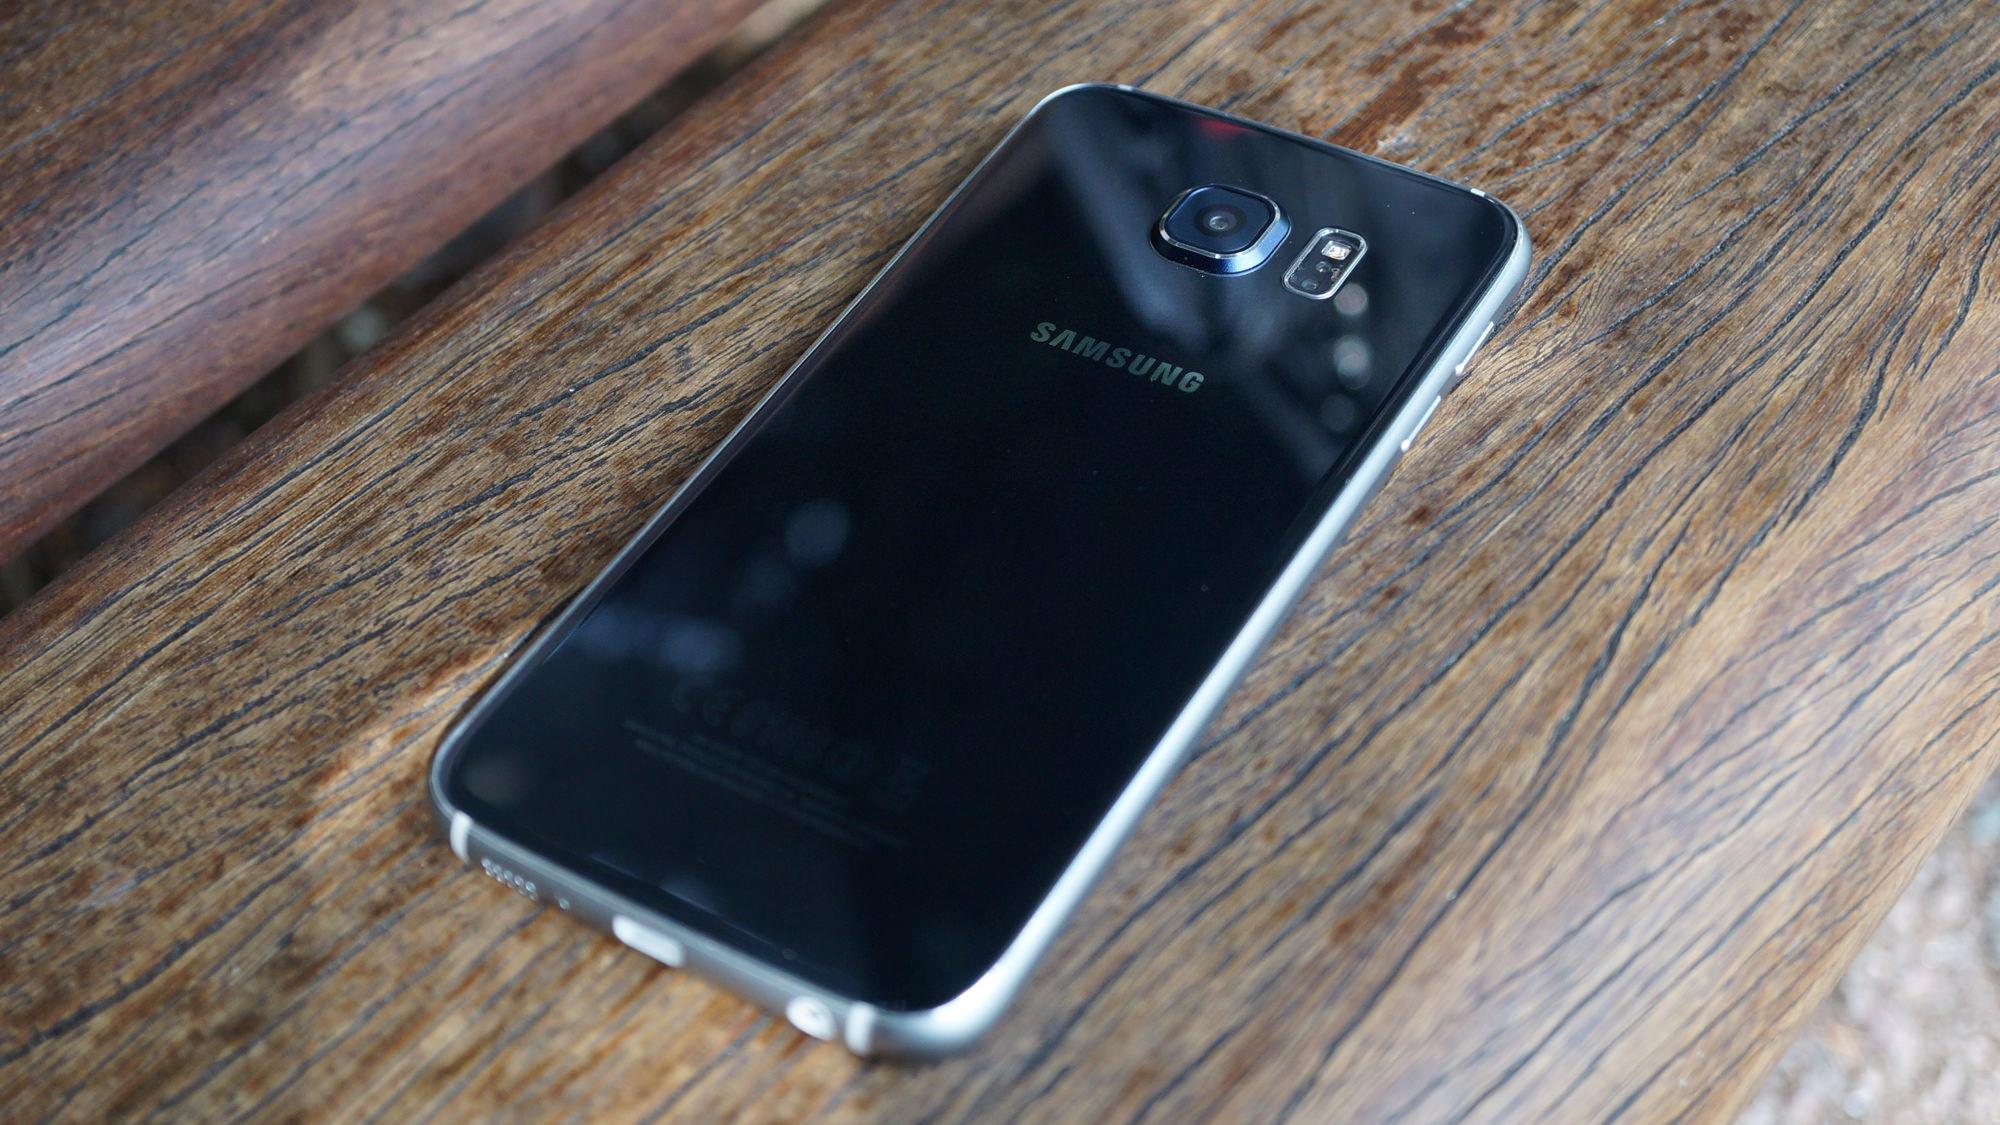 Galaxy S6 tar mycket lång tid att ladda, snabb laddning inte